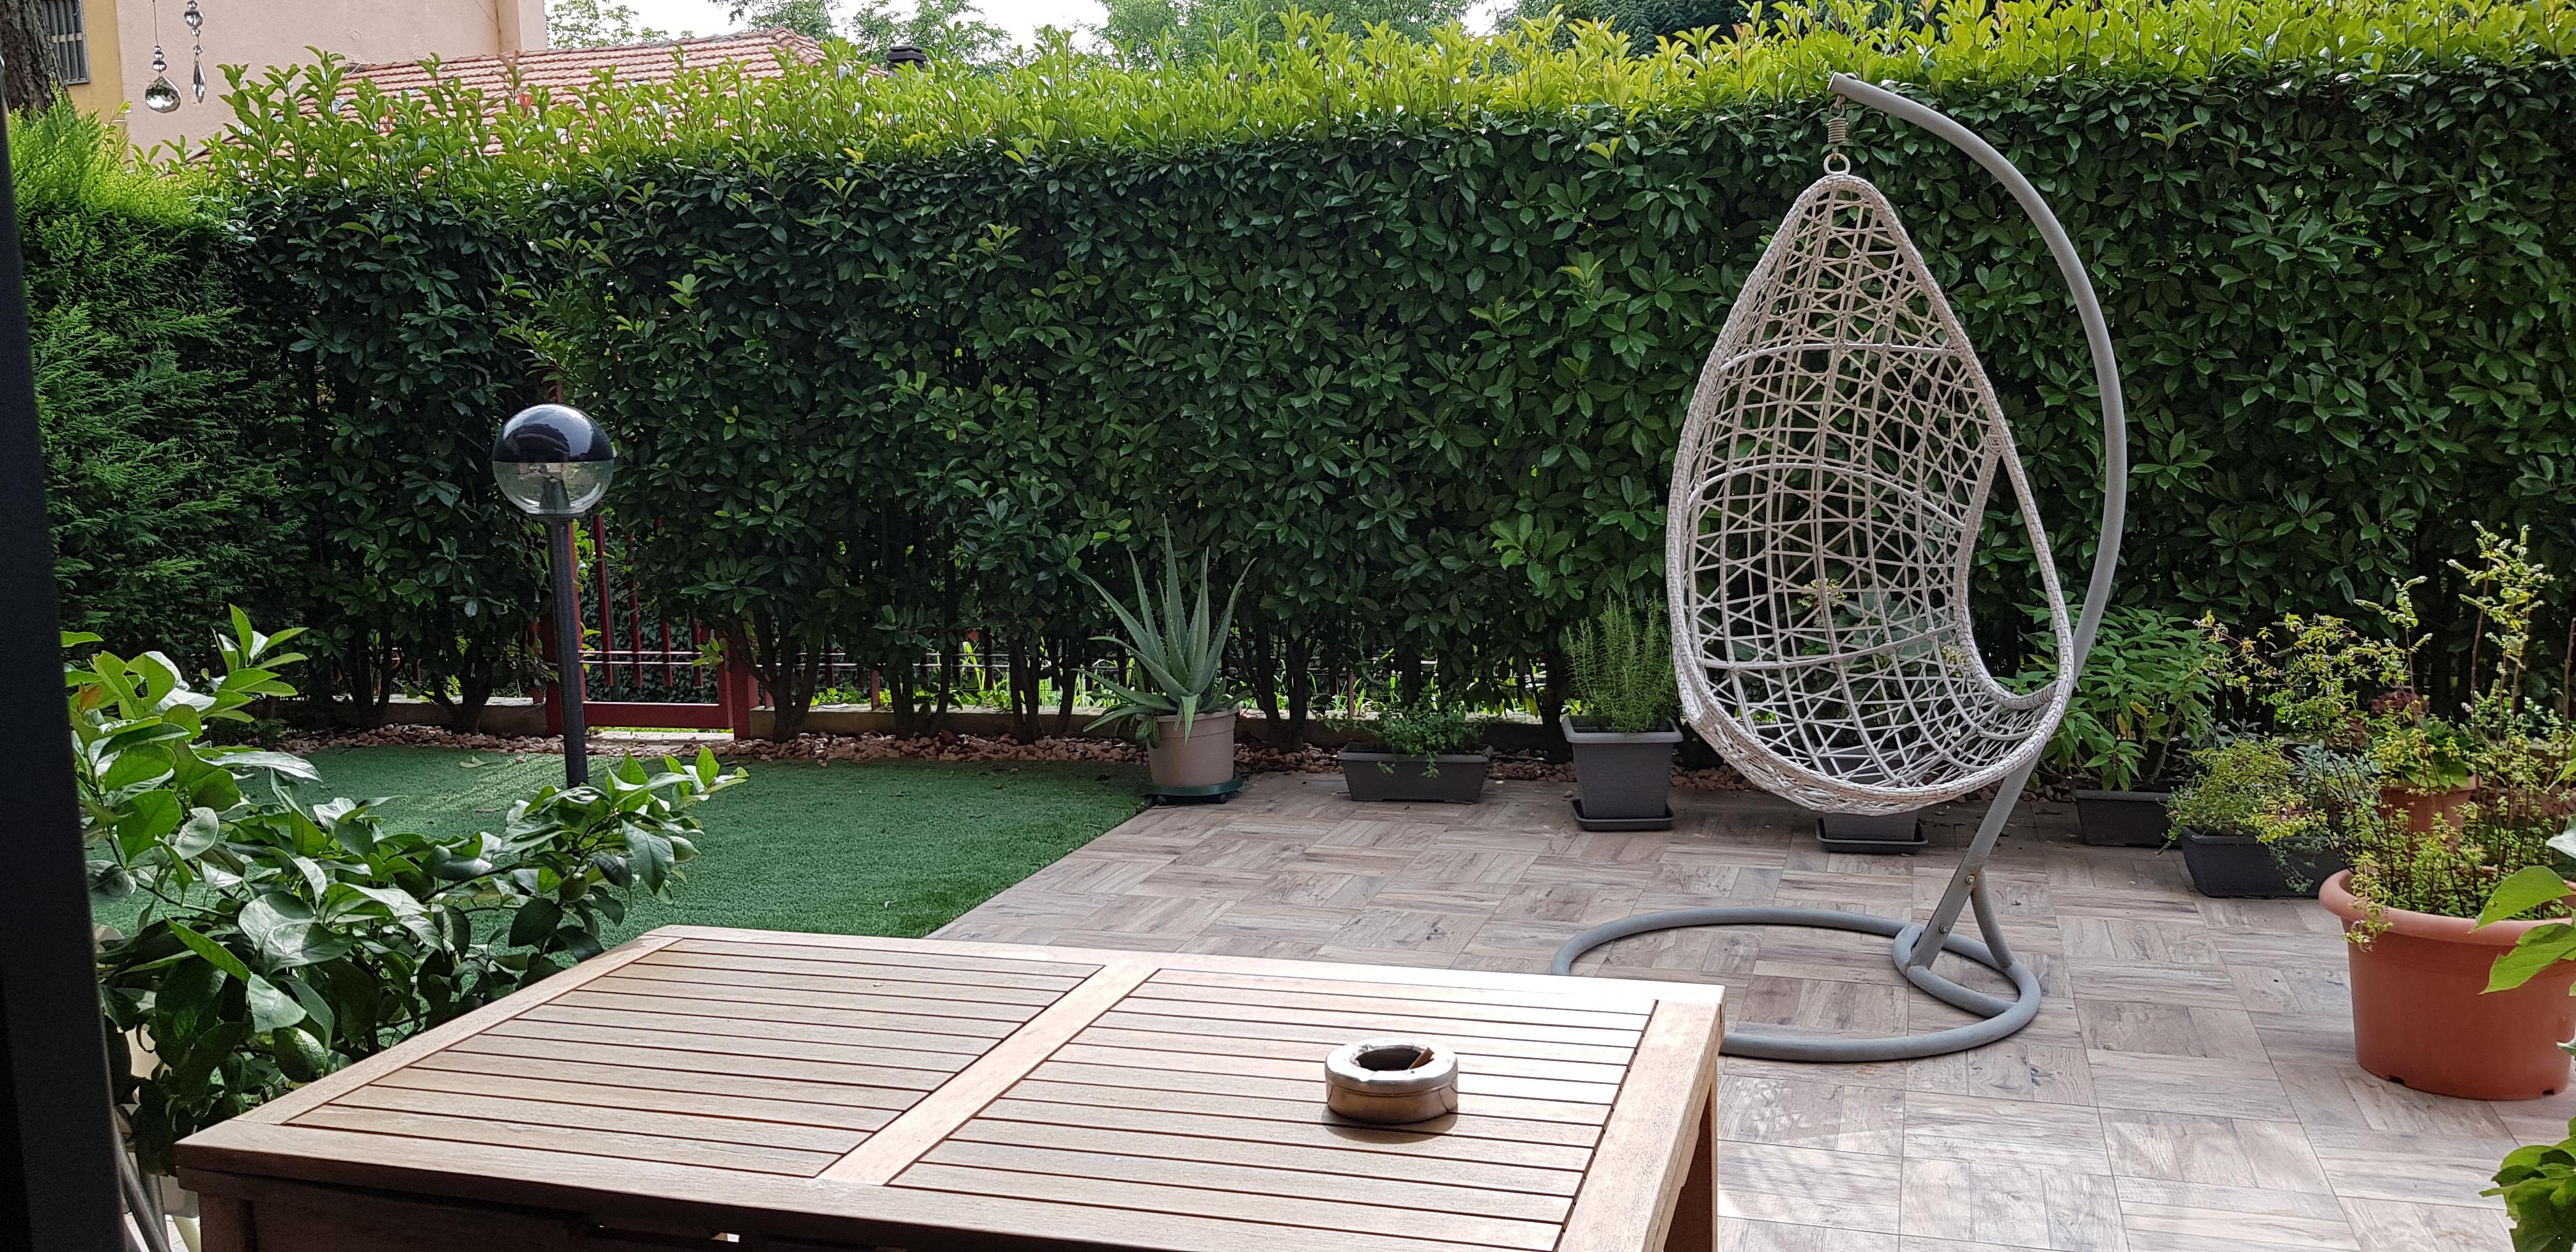 3 locali con giardino privato e box